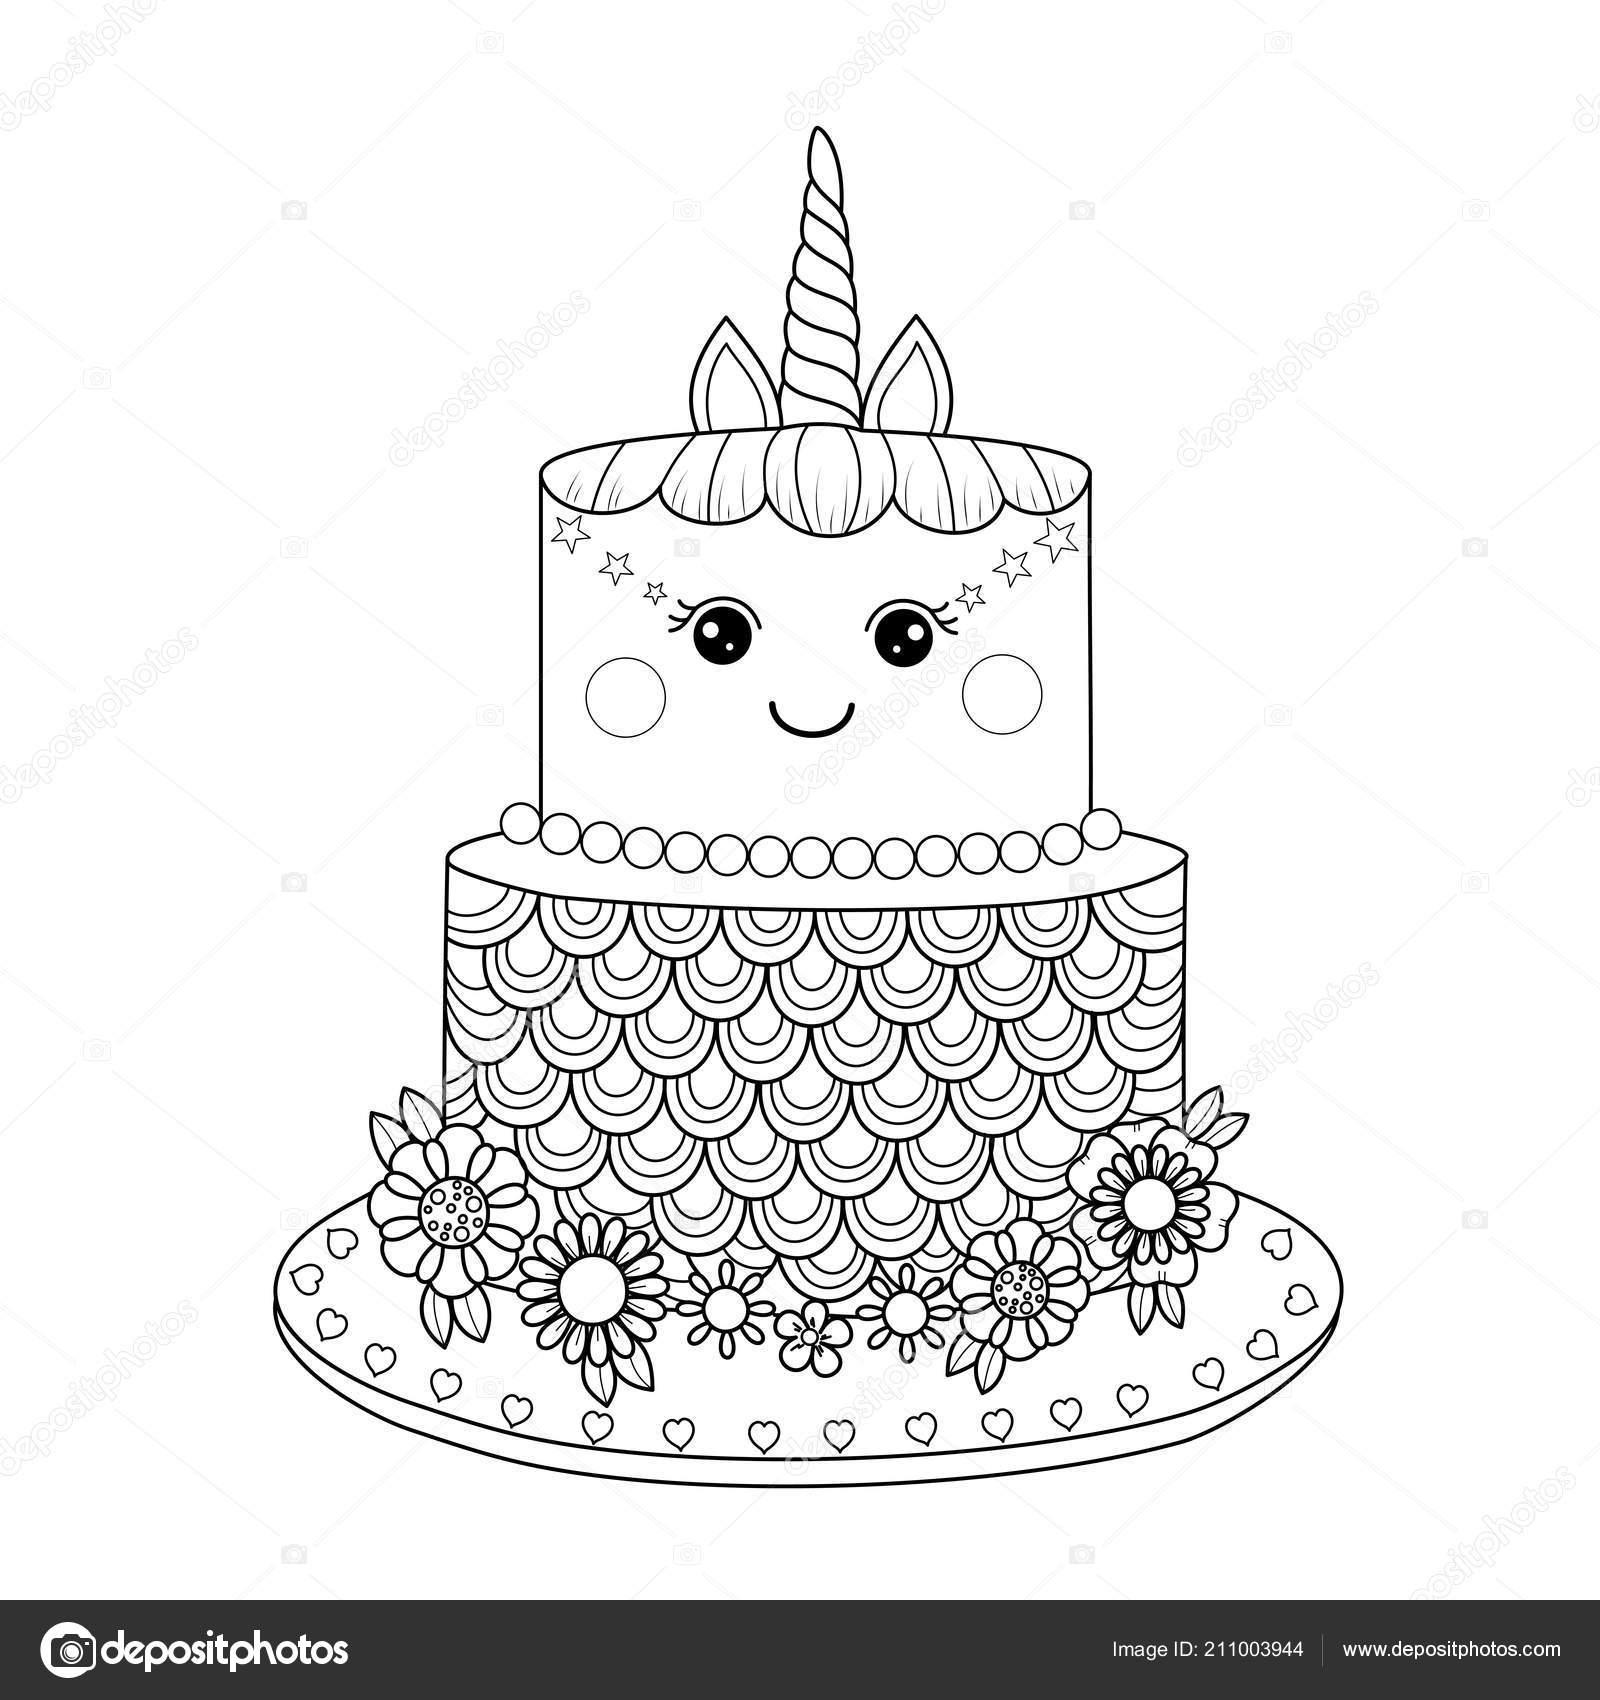 единорог торт раскраски книги взрослых векторные иллюстрации